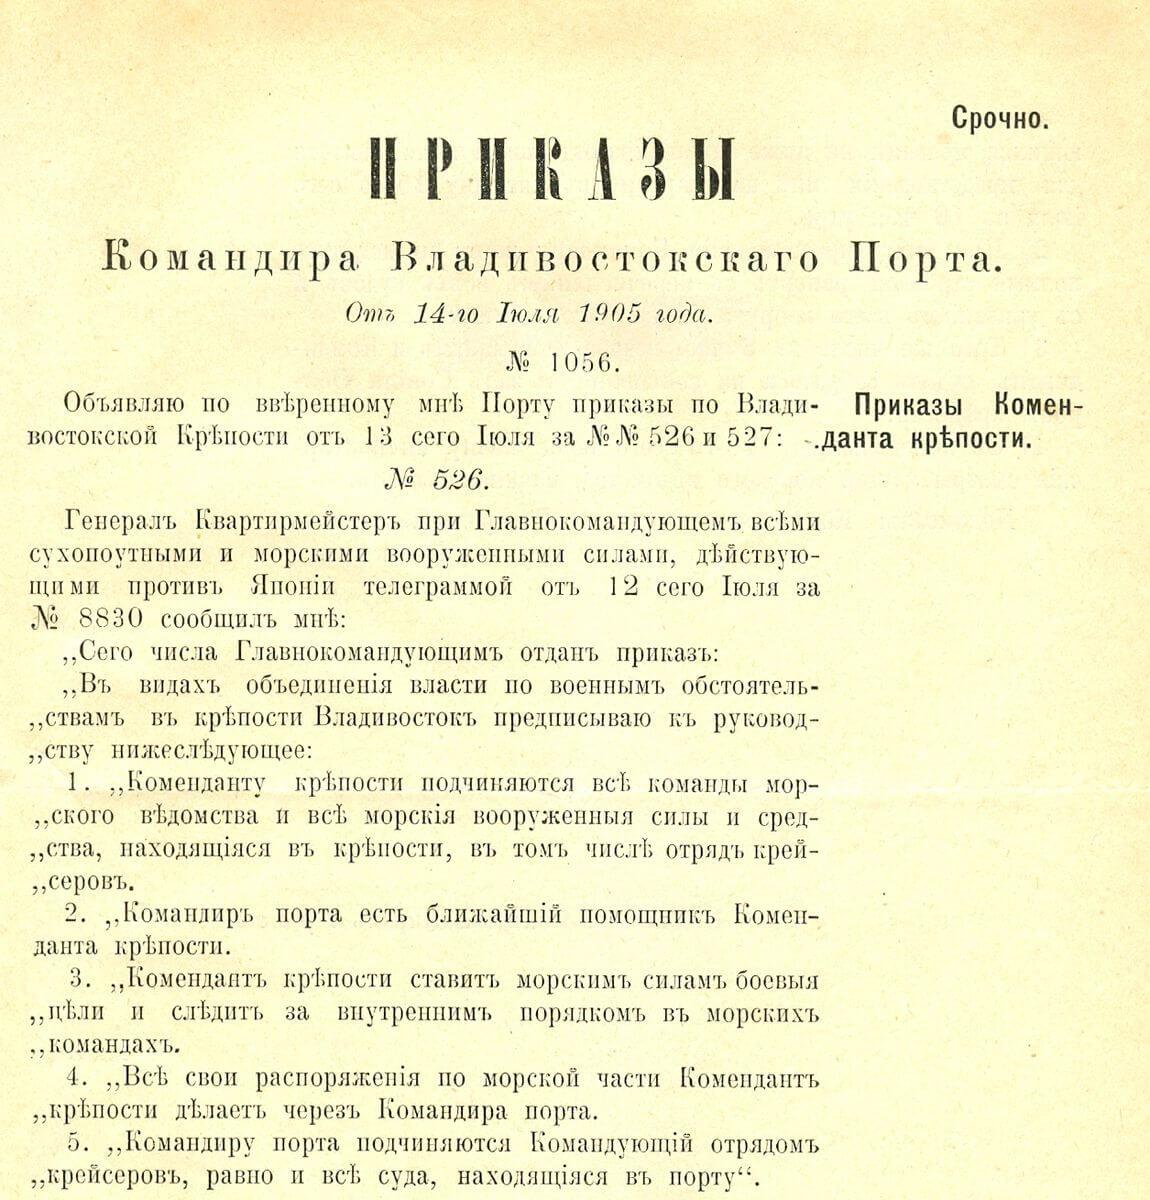 От 14-го Июля 1905 года.